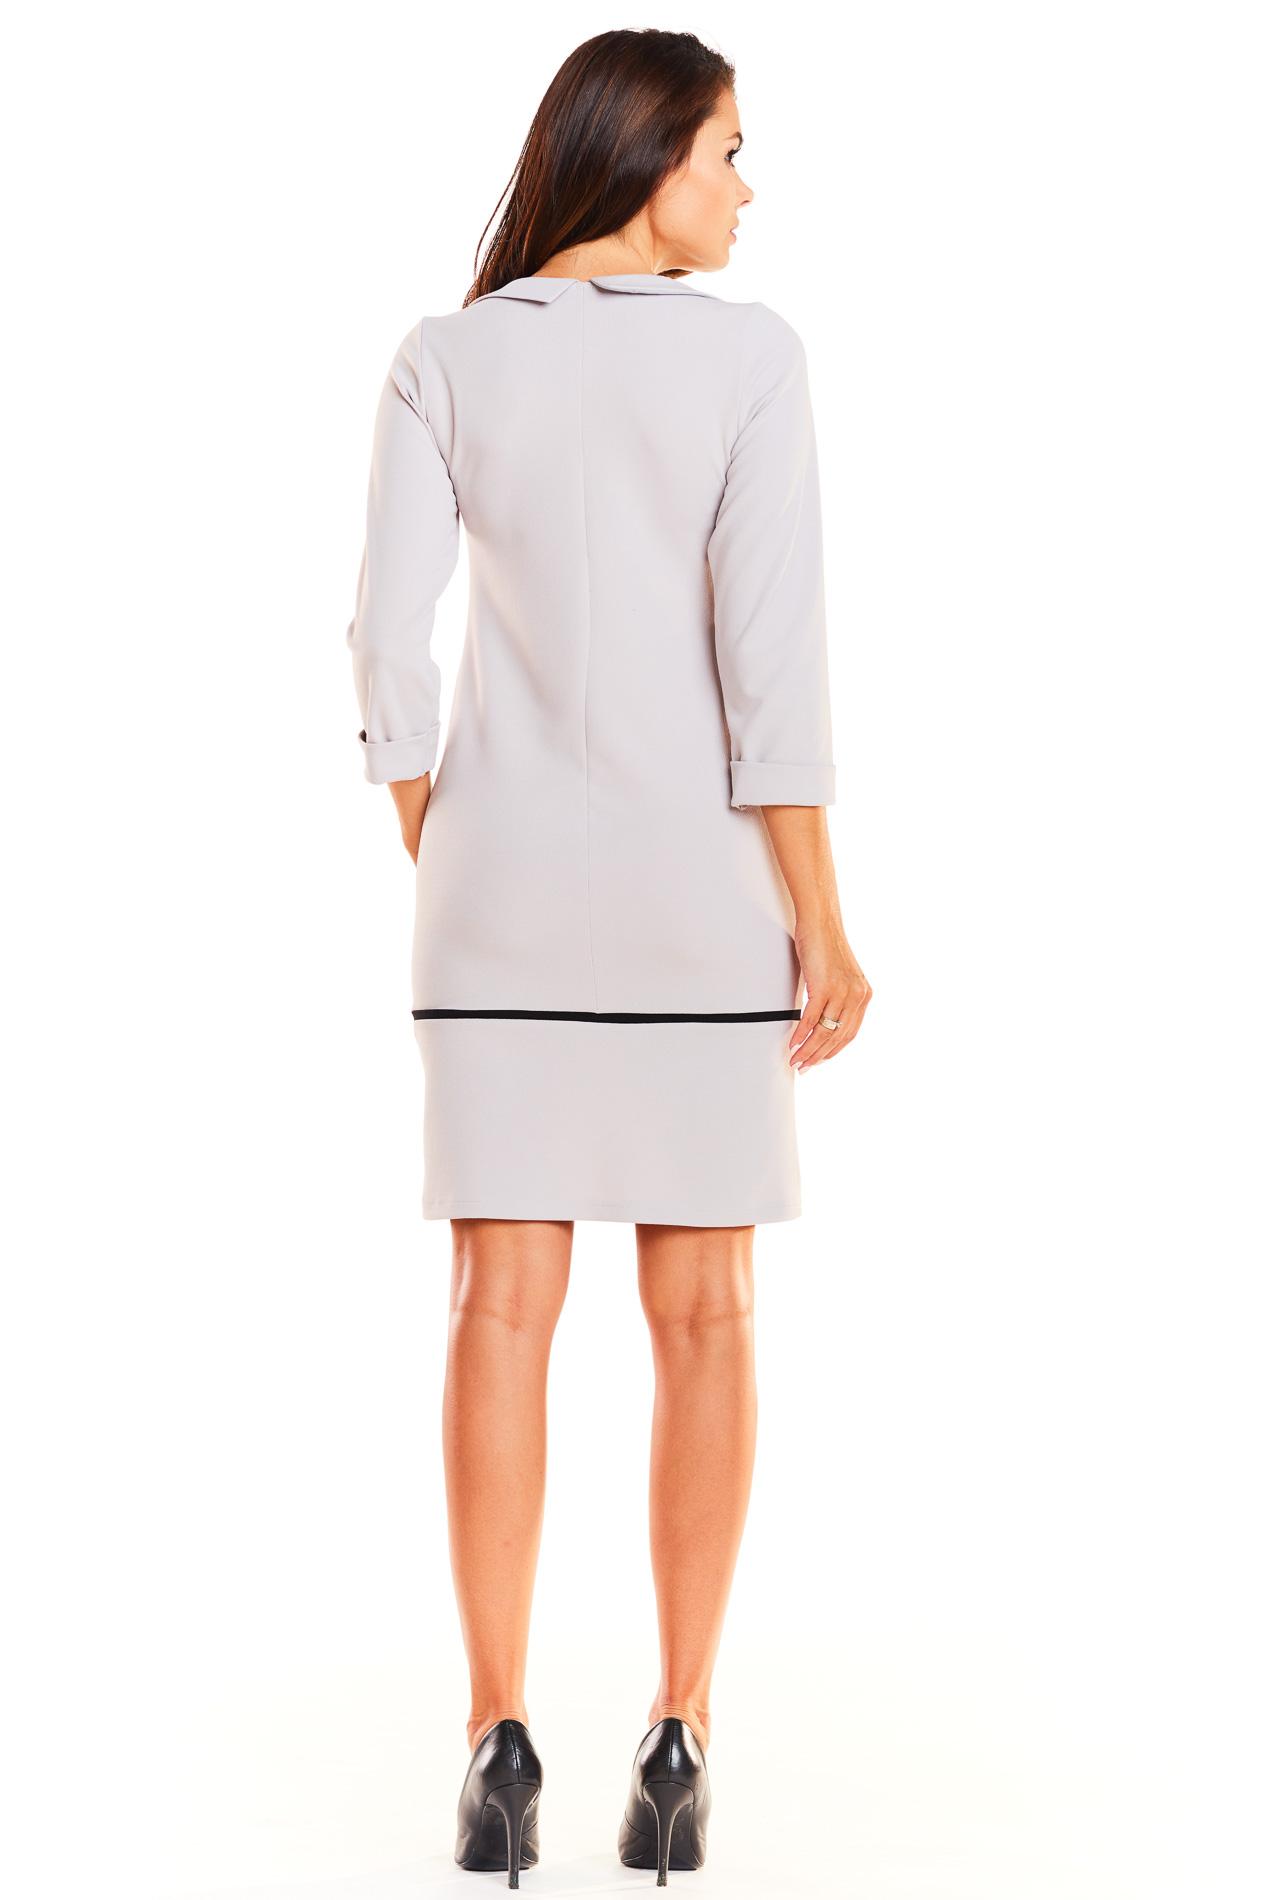 CM3932 Dopasowana sukienka mini z kołnierzykiem - szara